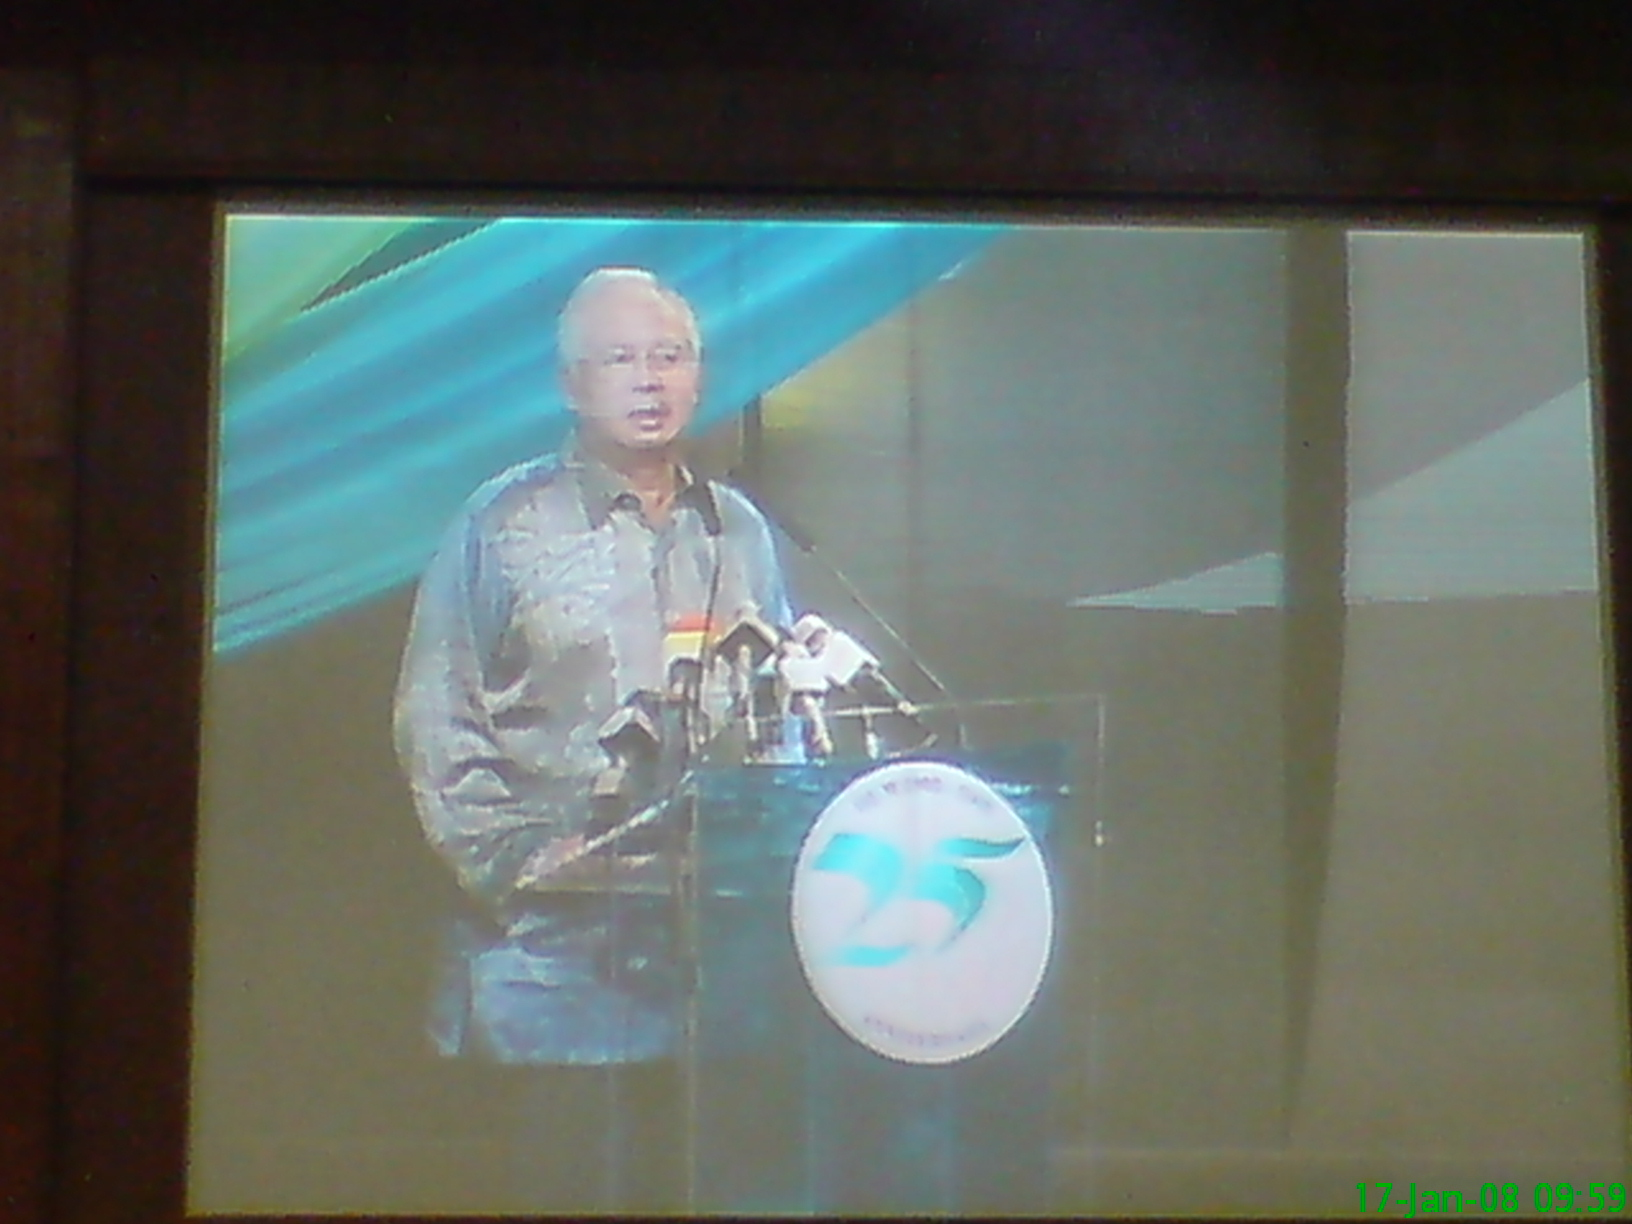 Dato' Seri Najib Tun AbdulRazak